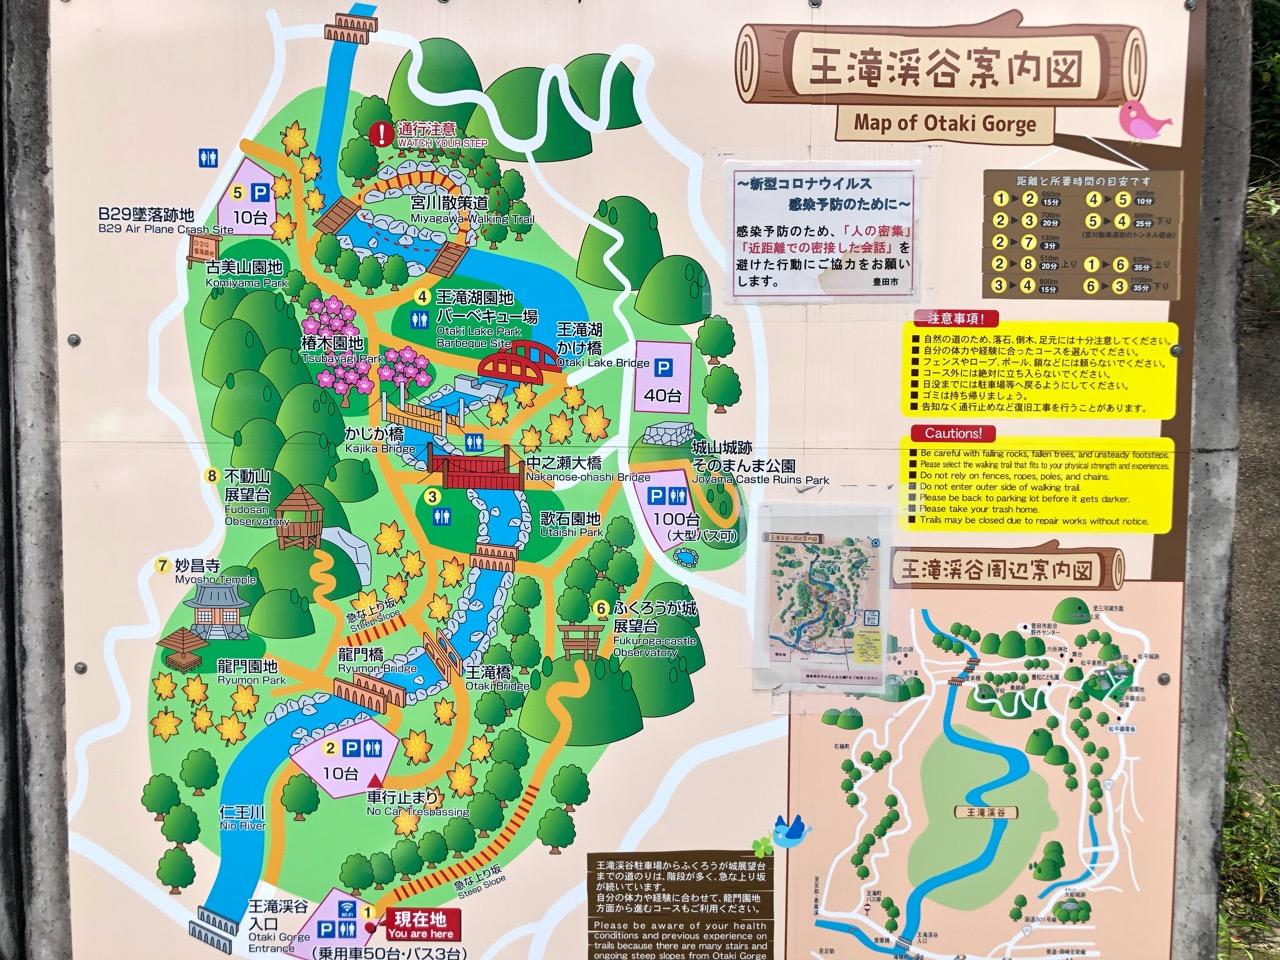 王滝渓谷マップ